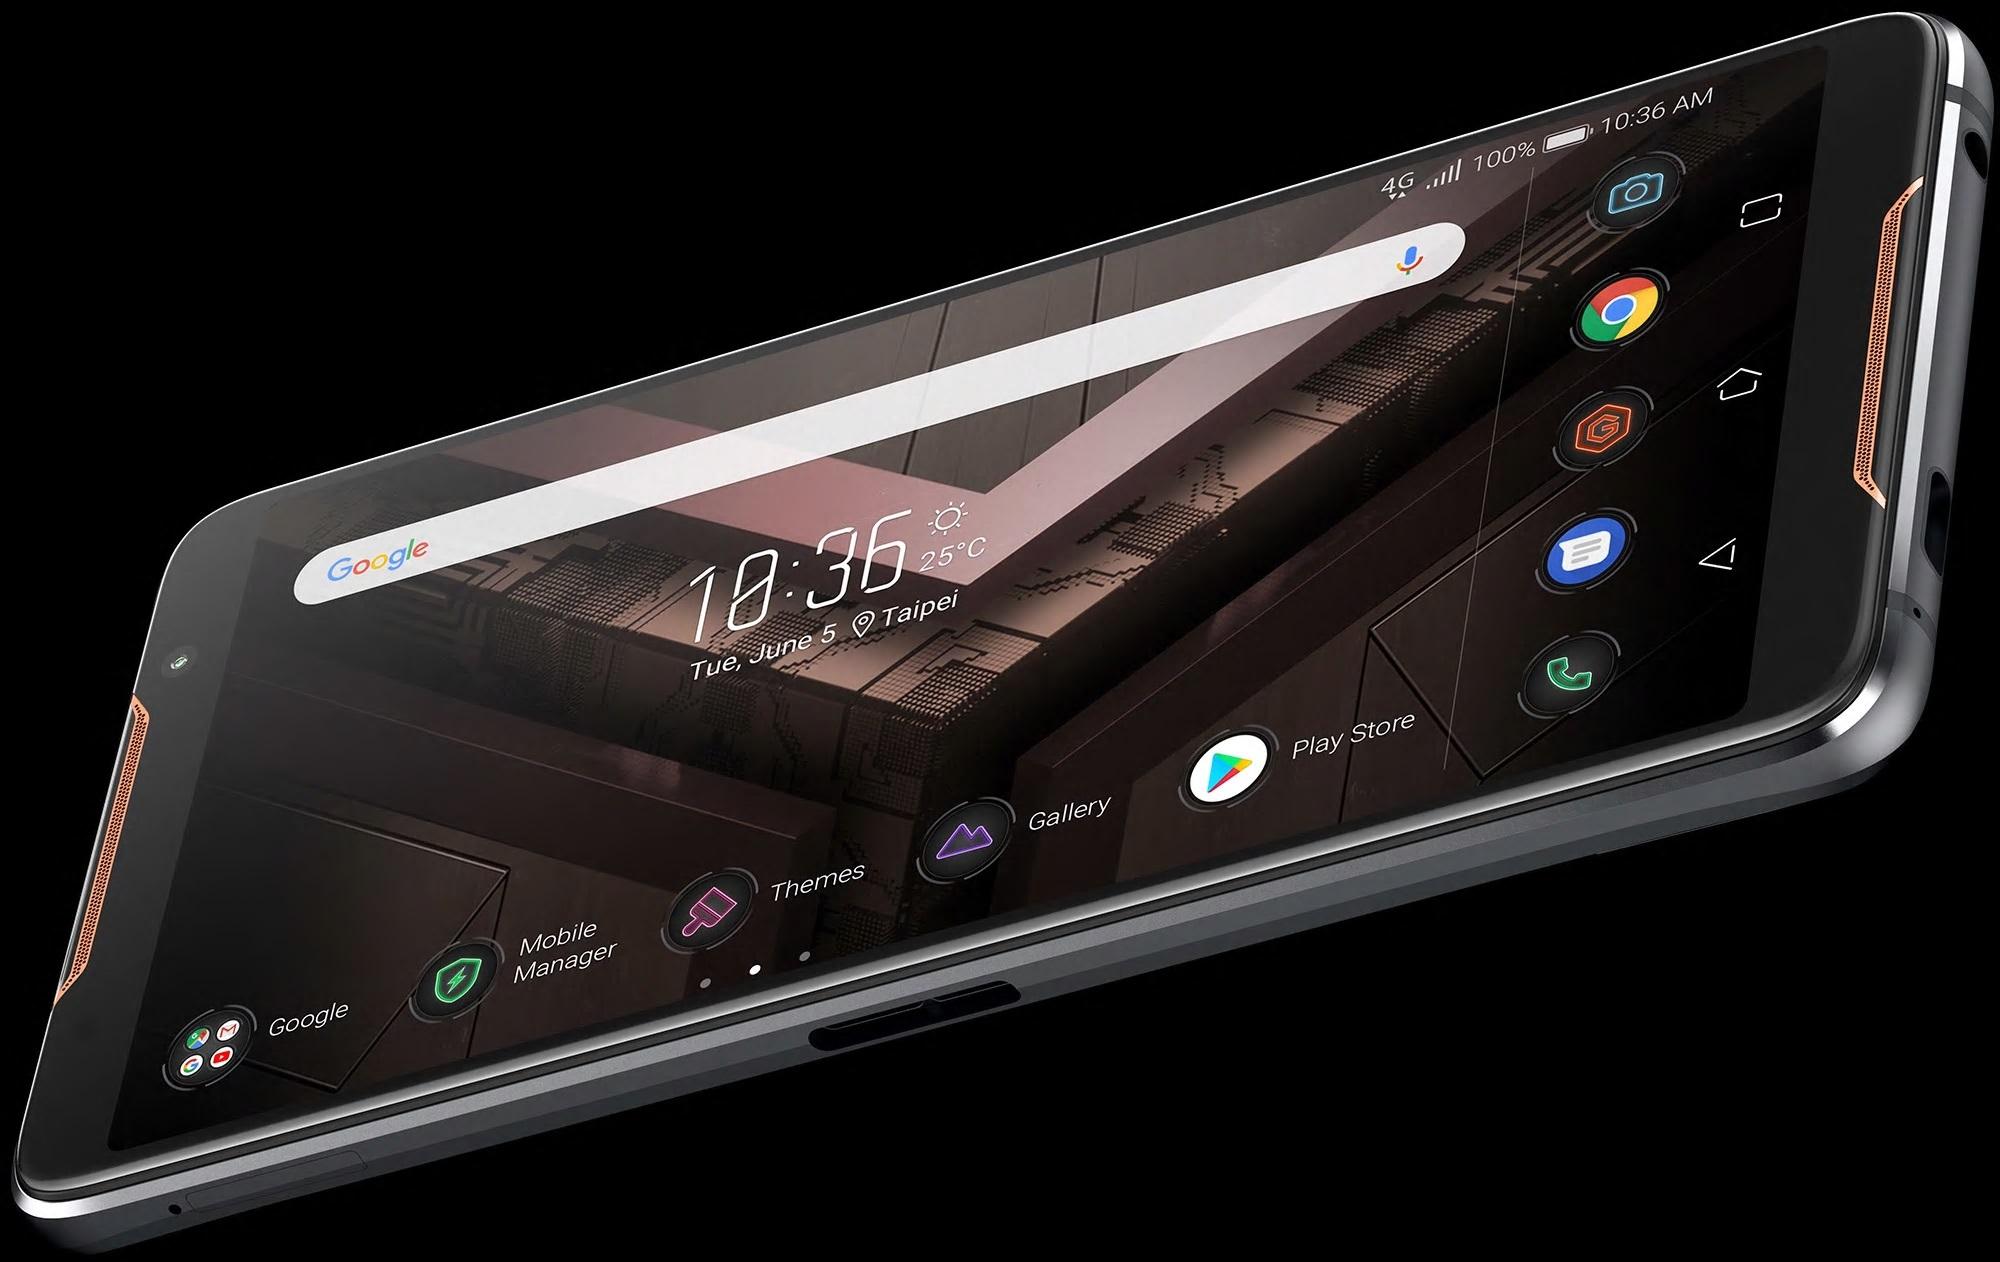 Akkurat her ser ROG Phone ut som en ulv i fåreklær.